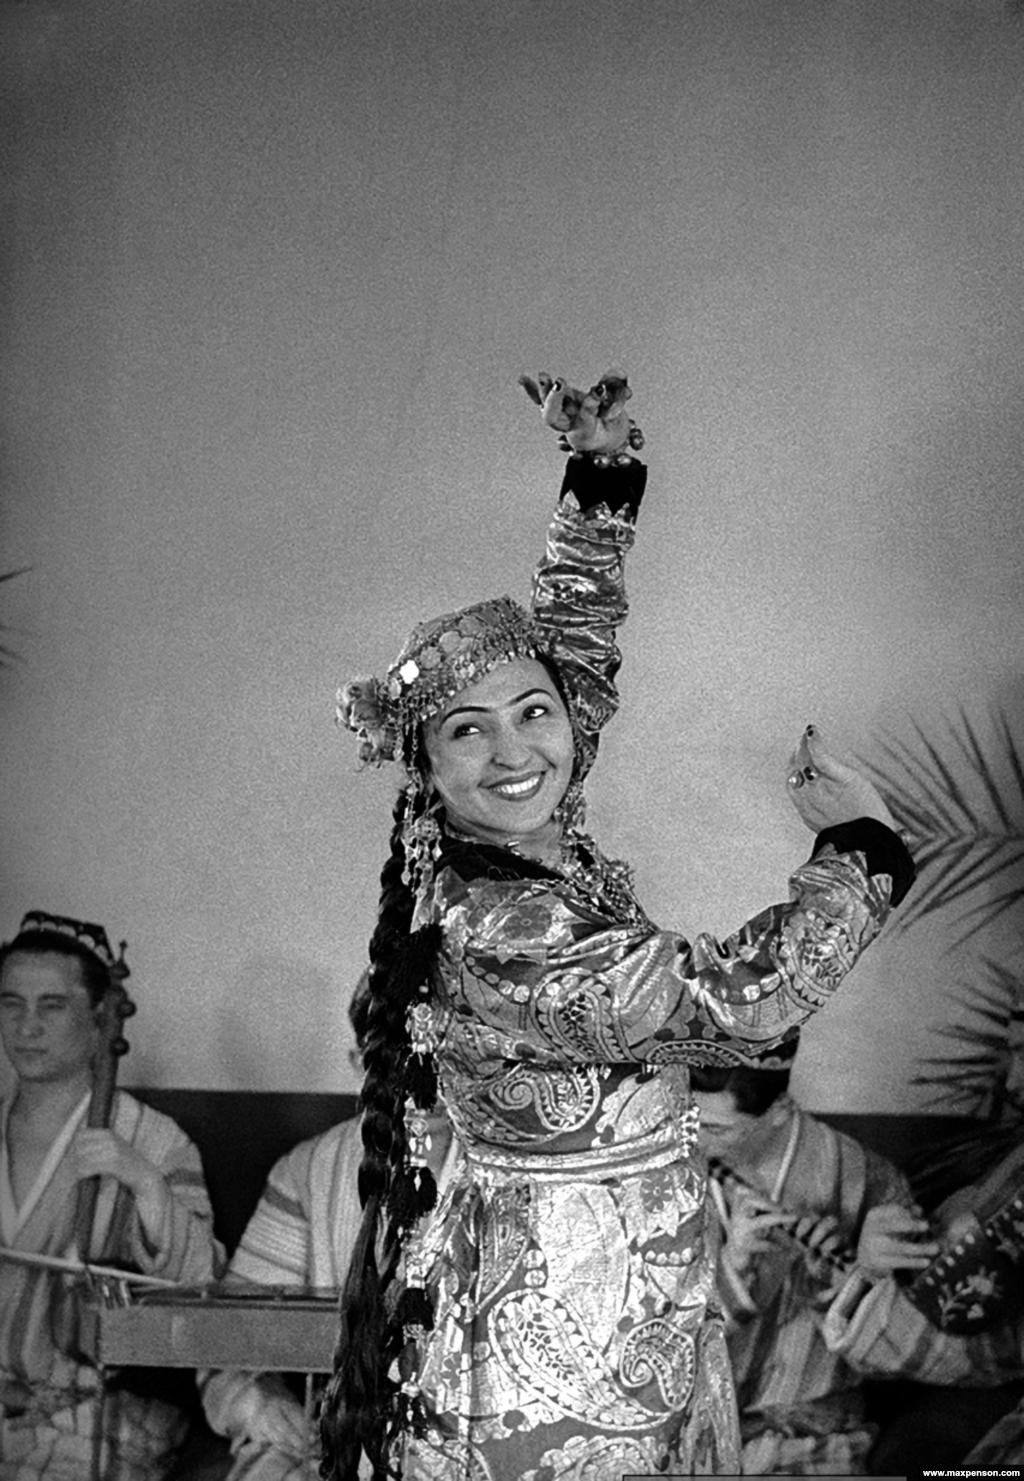 Тамара-ханум, узбекская танцовщица армянского происхождения. Она стала первой в Узбекистане женщиной, выступавшей с открытым лицом, без накидки